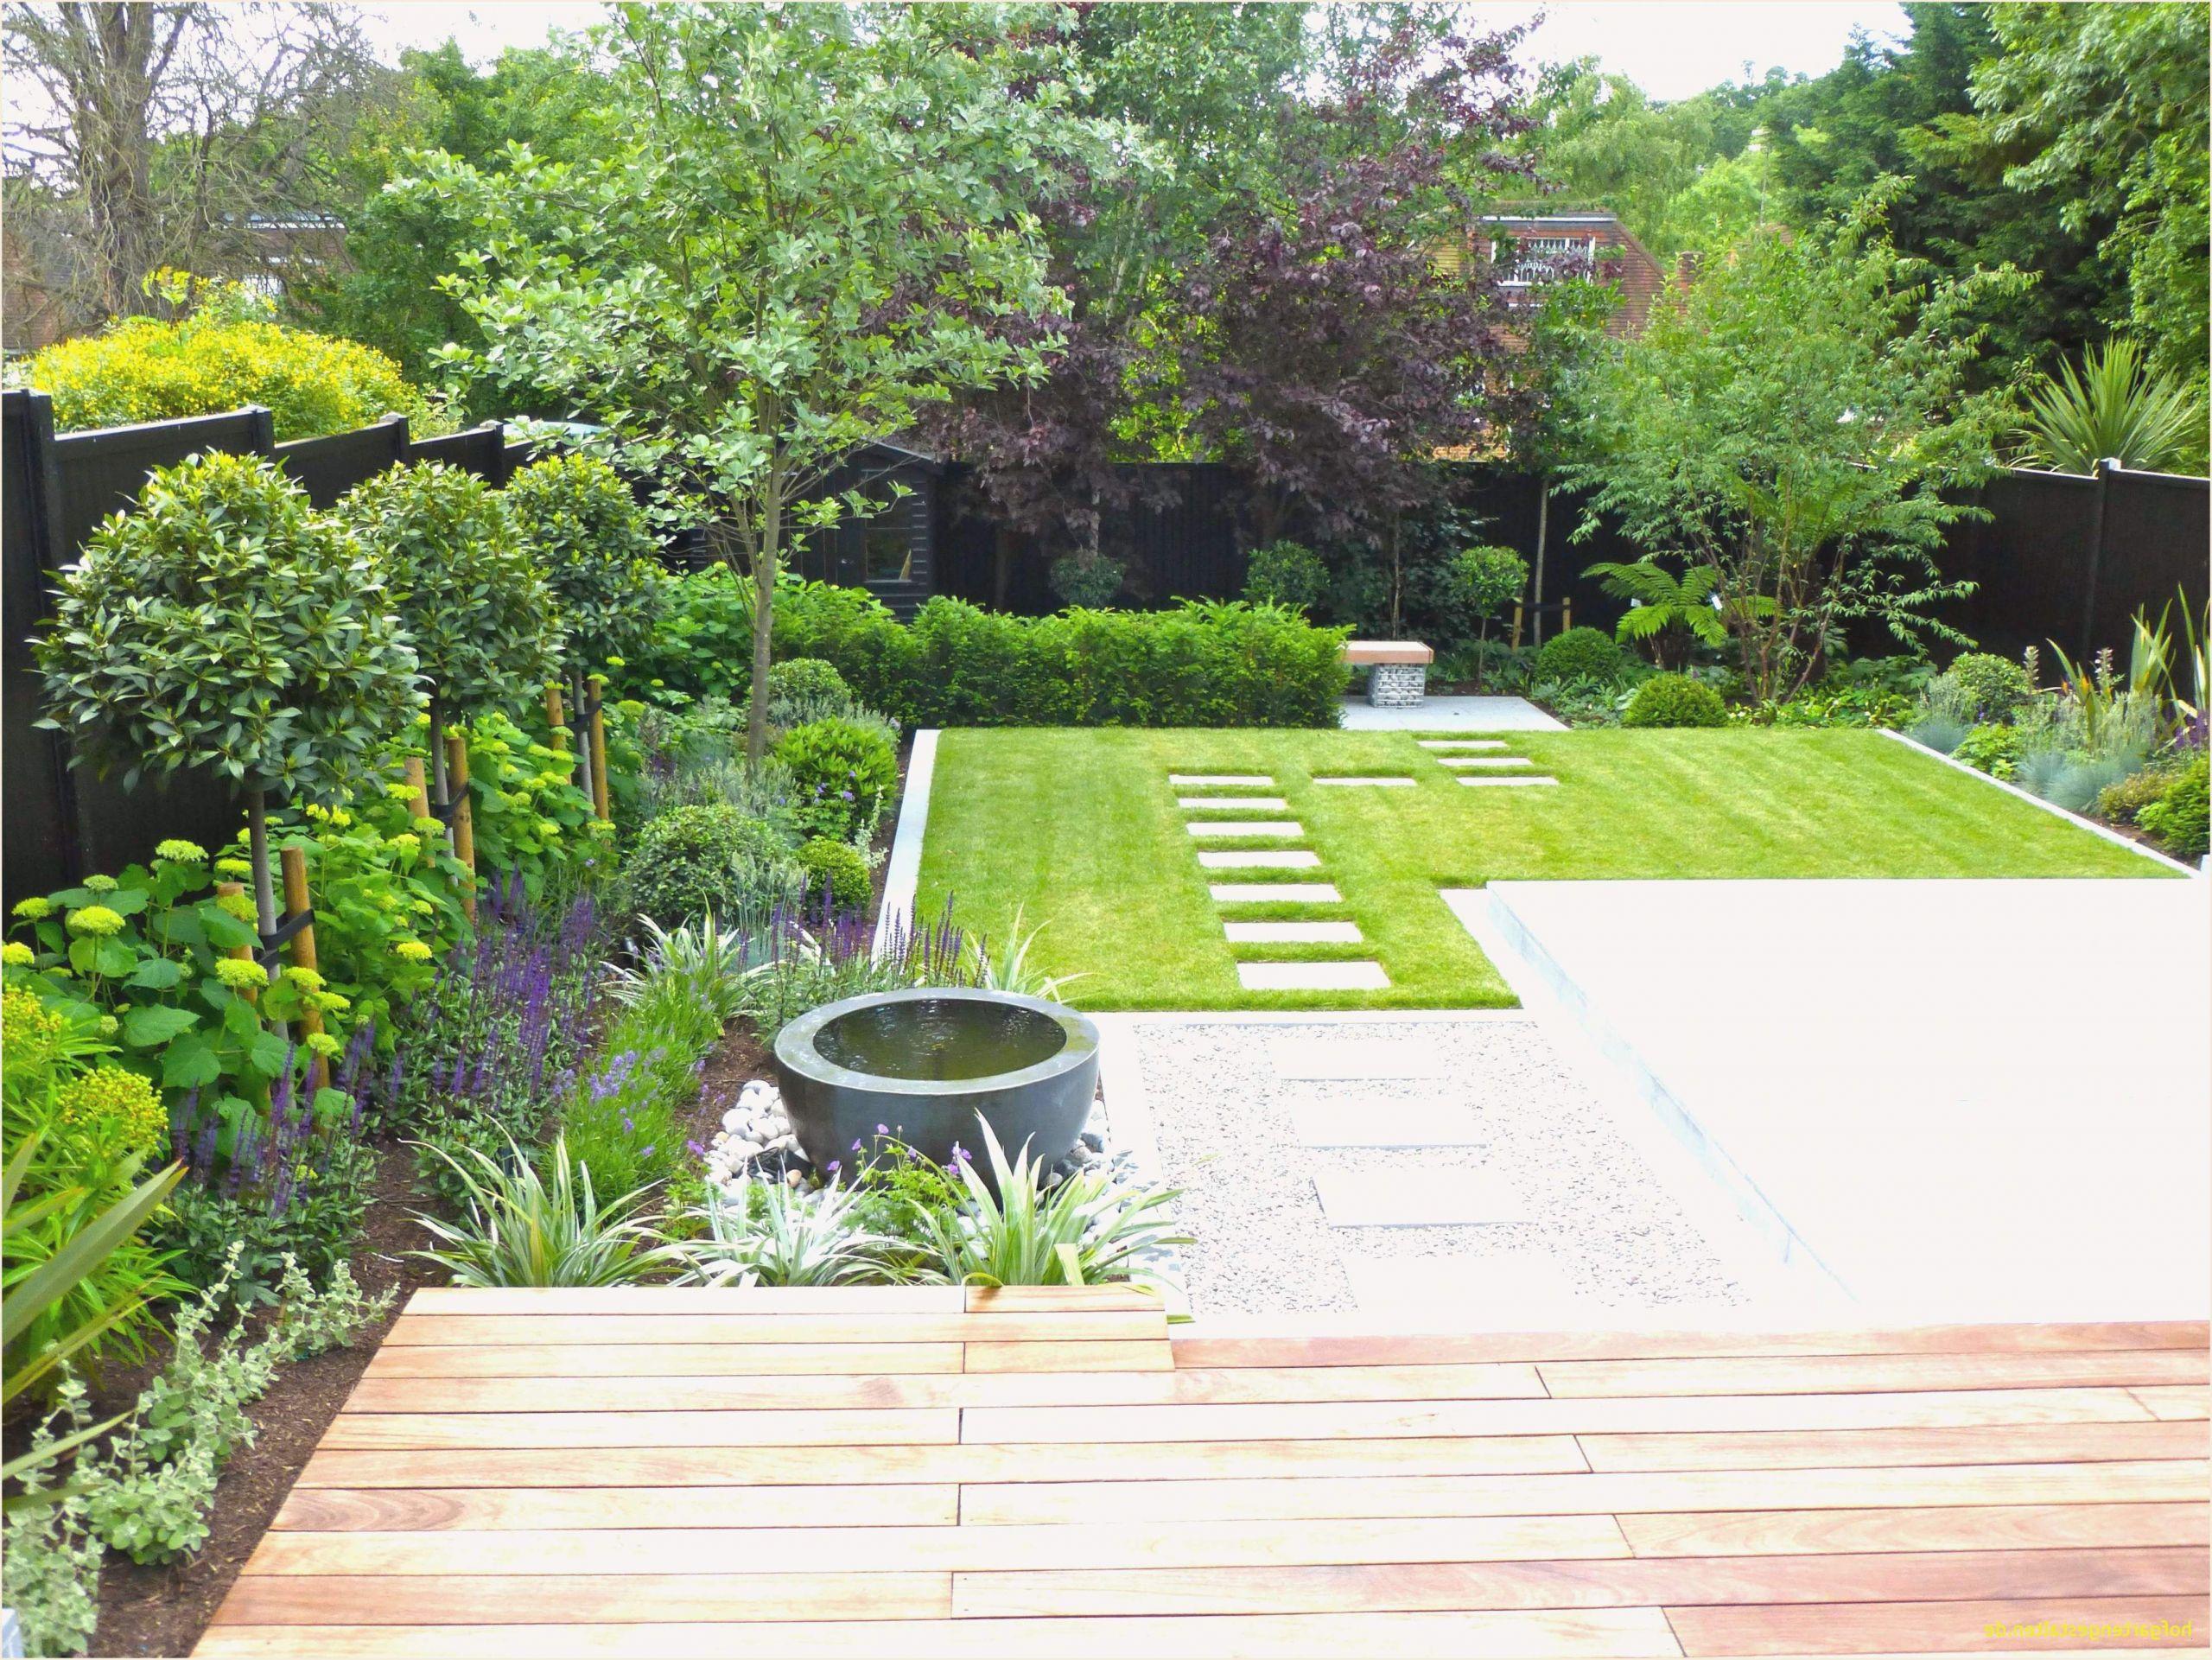 42 schon kleiner pool garten stock zimmerpflanzen gros modern zimmerpflanzen gros modern